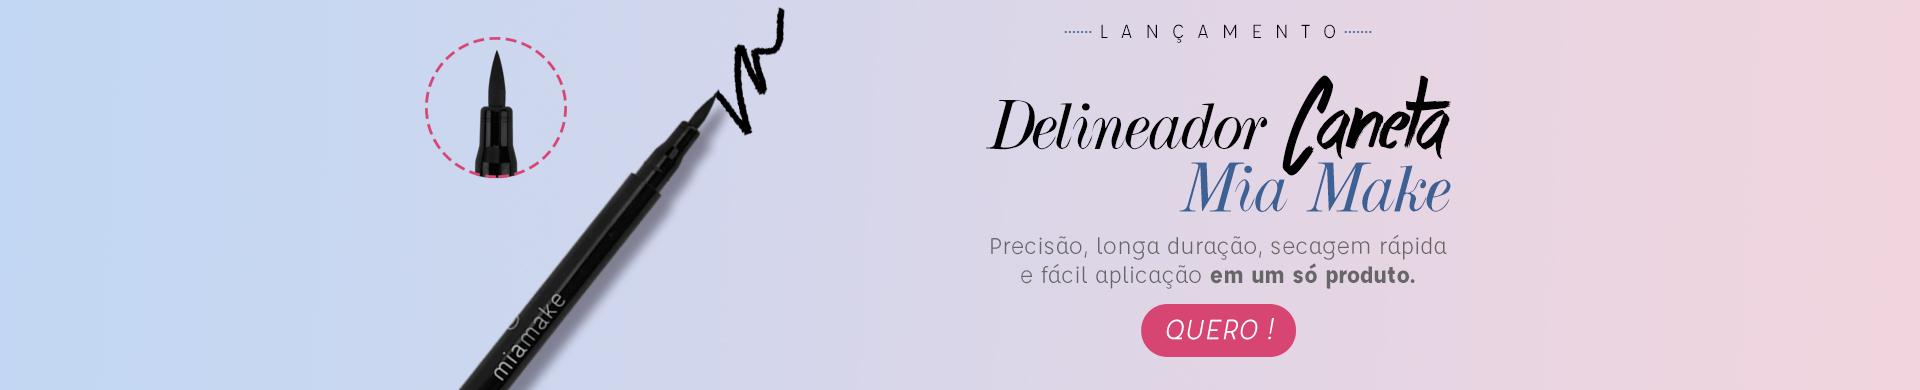 Novidade Delineador Caneta - Mia Make